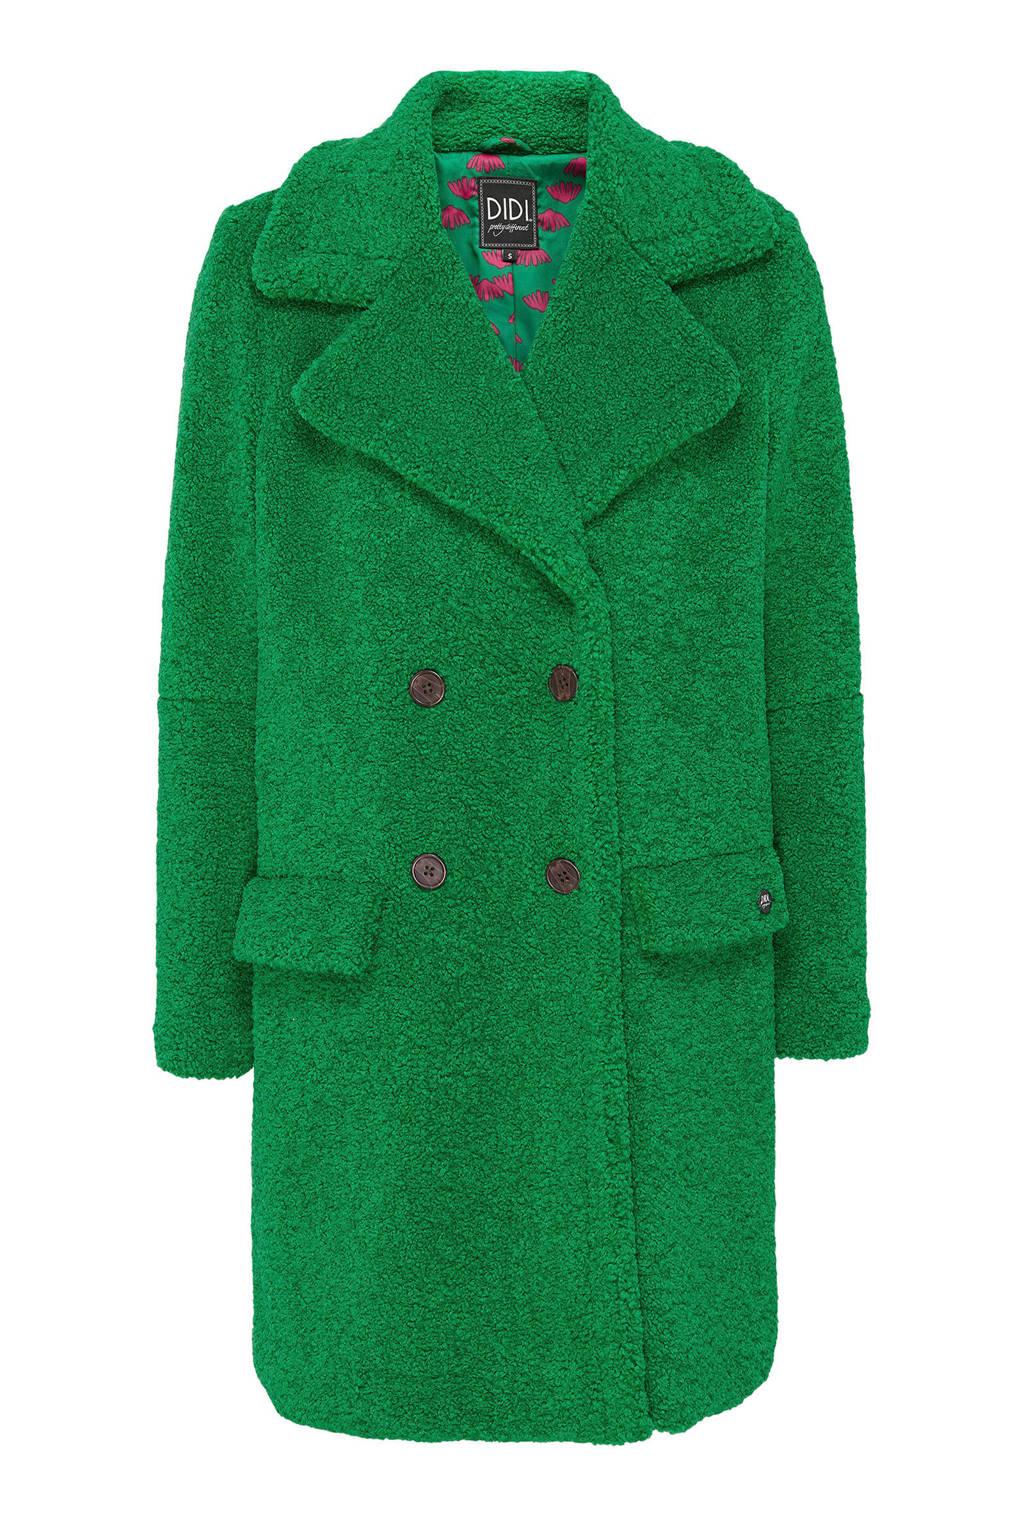 Didi jas groen, Groen